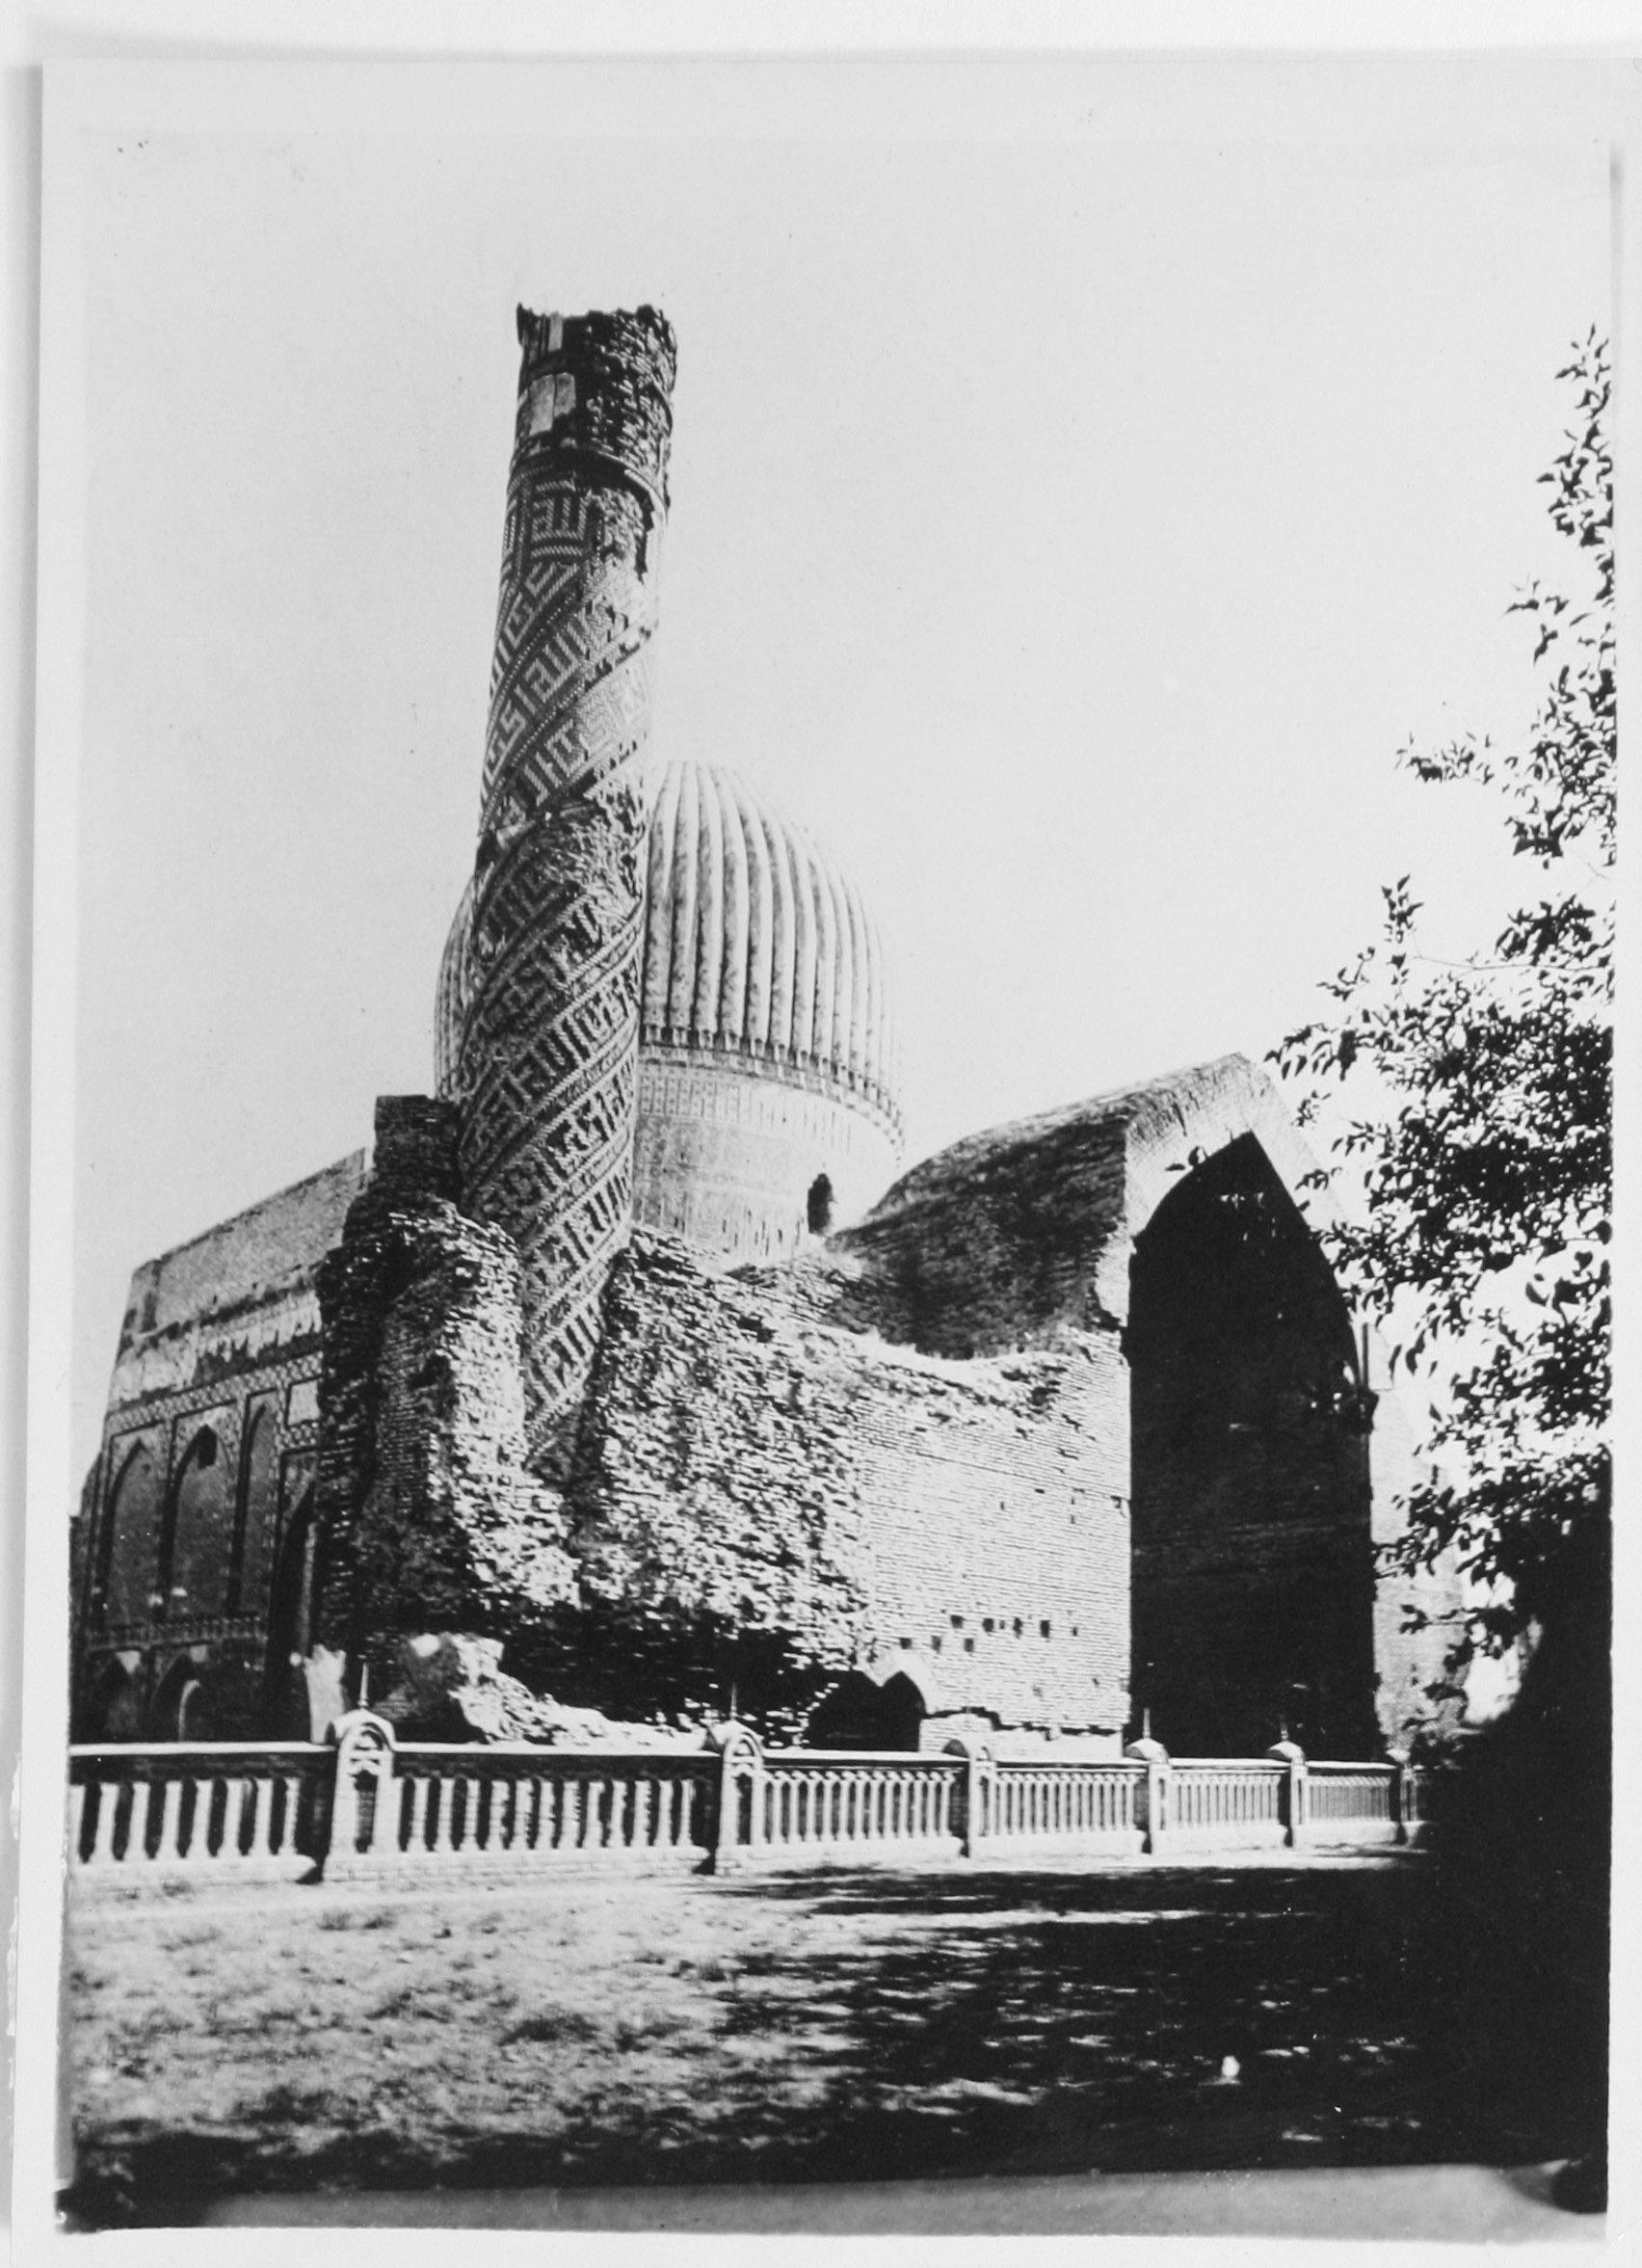 Мавзолей Тамерлана и его семьи Гур-Эмир .Вид северо-восточной части комплекса